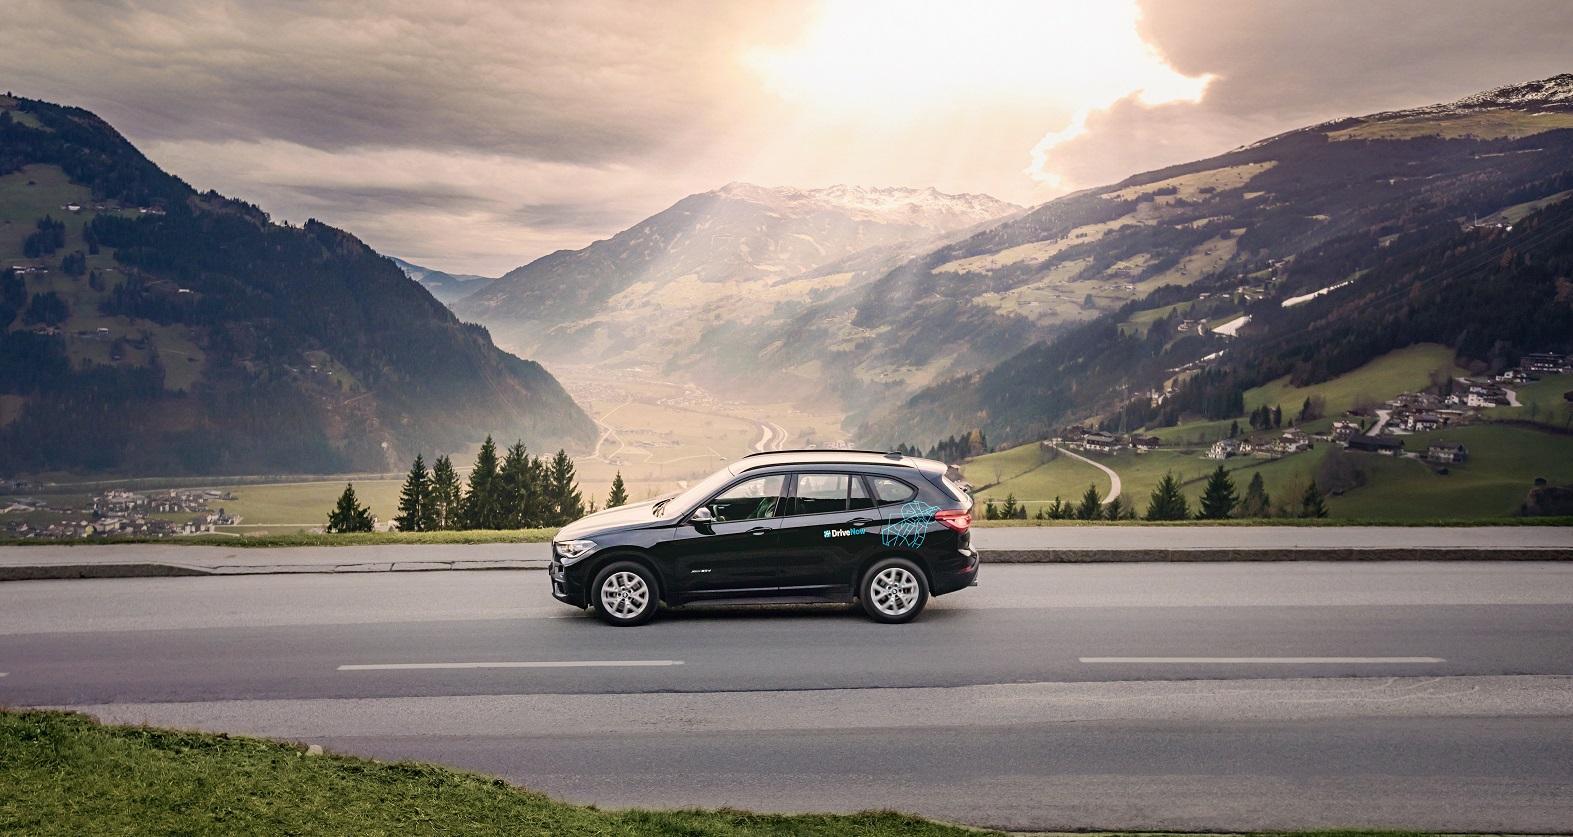 drivenow_munich_bmw_x1_driving_day_trip_mountains